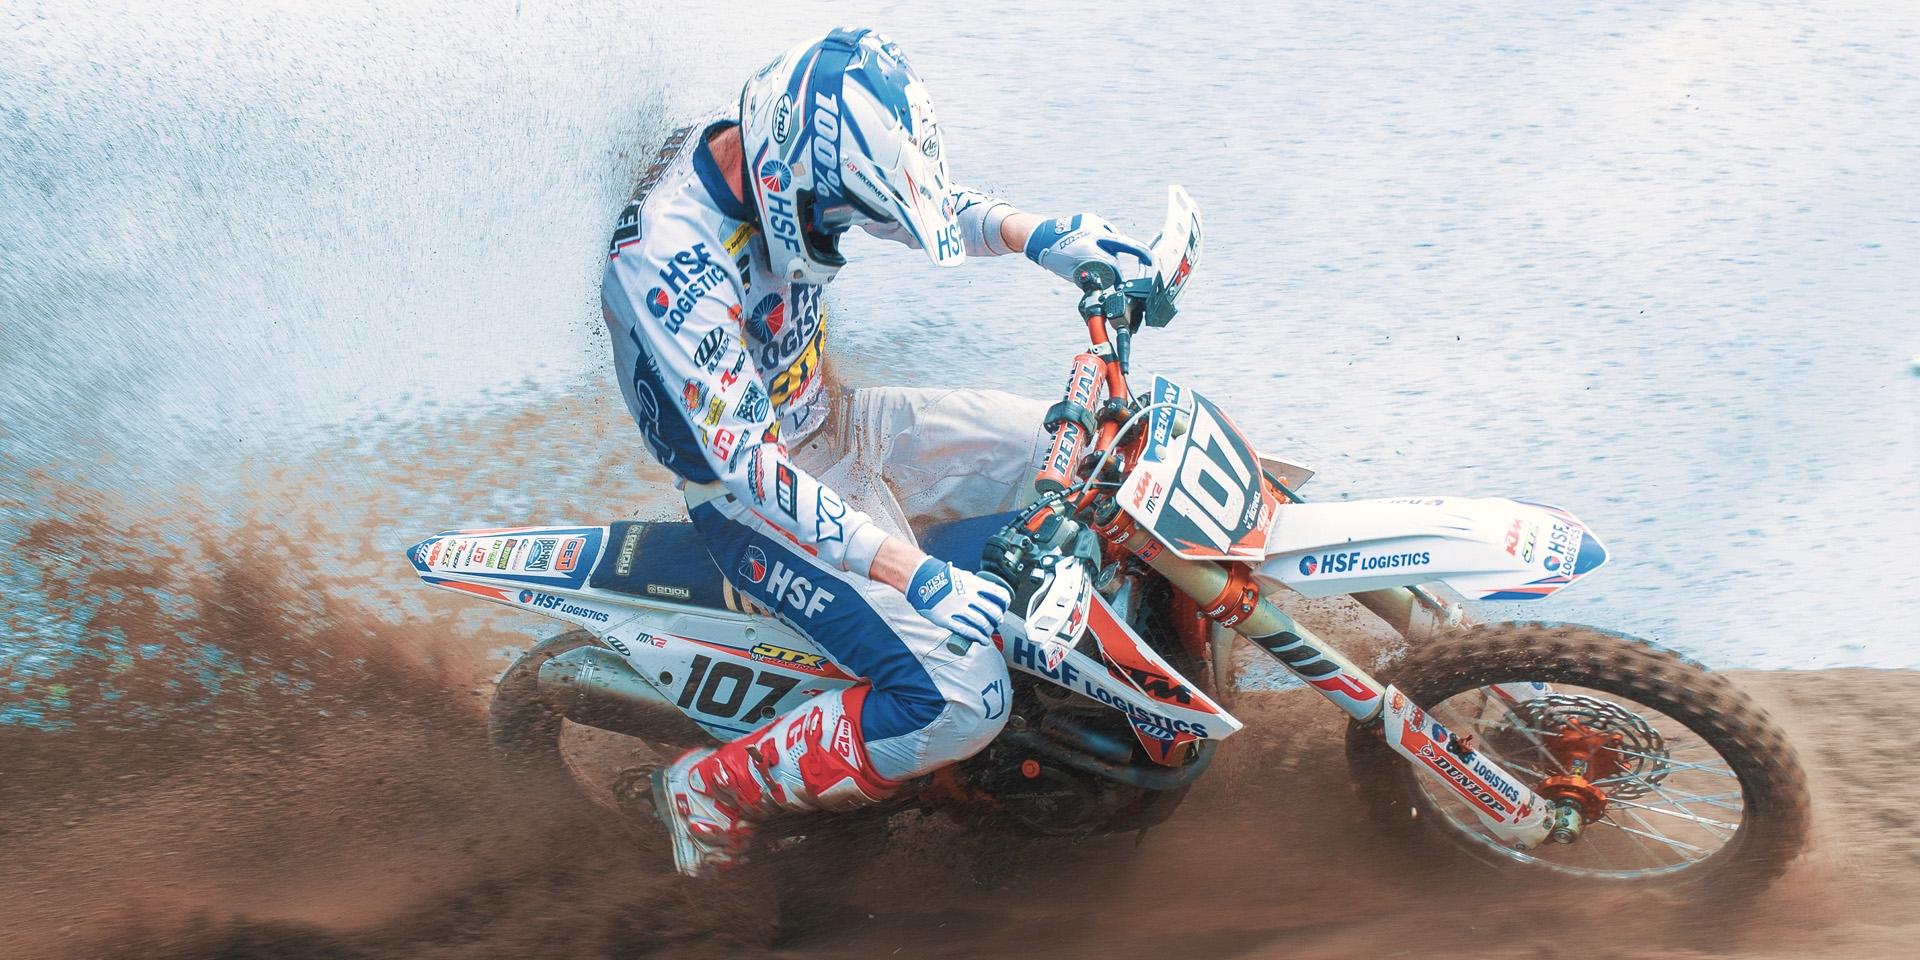 115495 31-05-2017-Motopark Nieuw Zevenbergen SRMV www.sportplaatje.nl copy